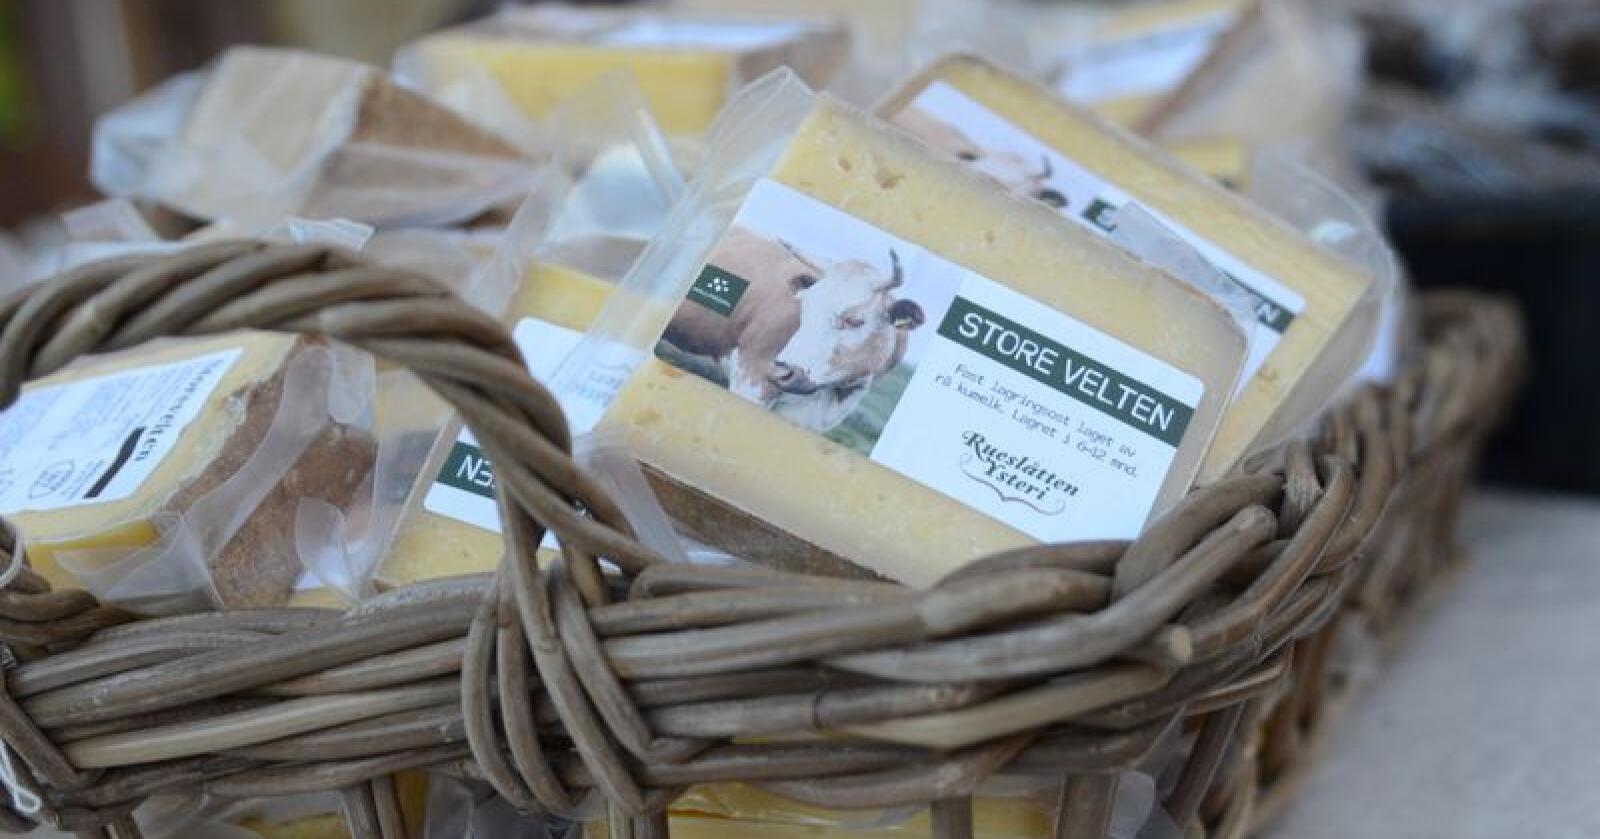 Ostebygda Hol er i finalen. Ostebygda er seks produsenter av ost, som alle bryr seg spesielt om kulturen og håndverket rundt osteproduksjon. (Foto: Liv Jorunn Denstadli Sagmo)